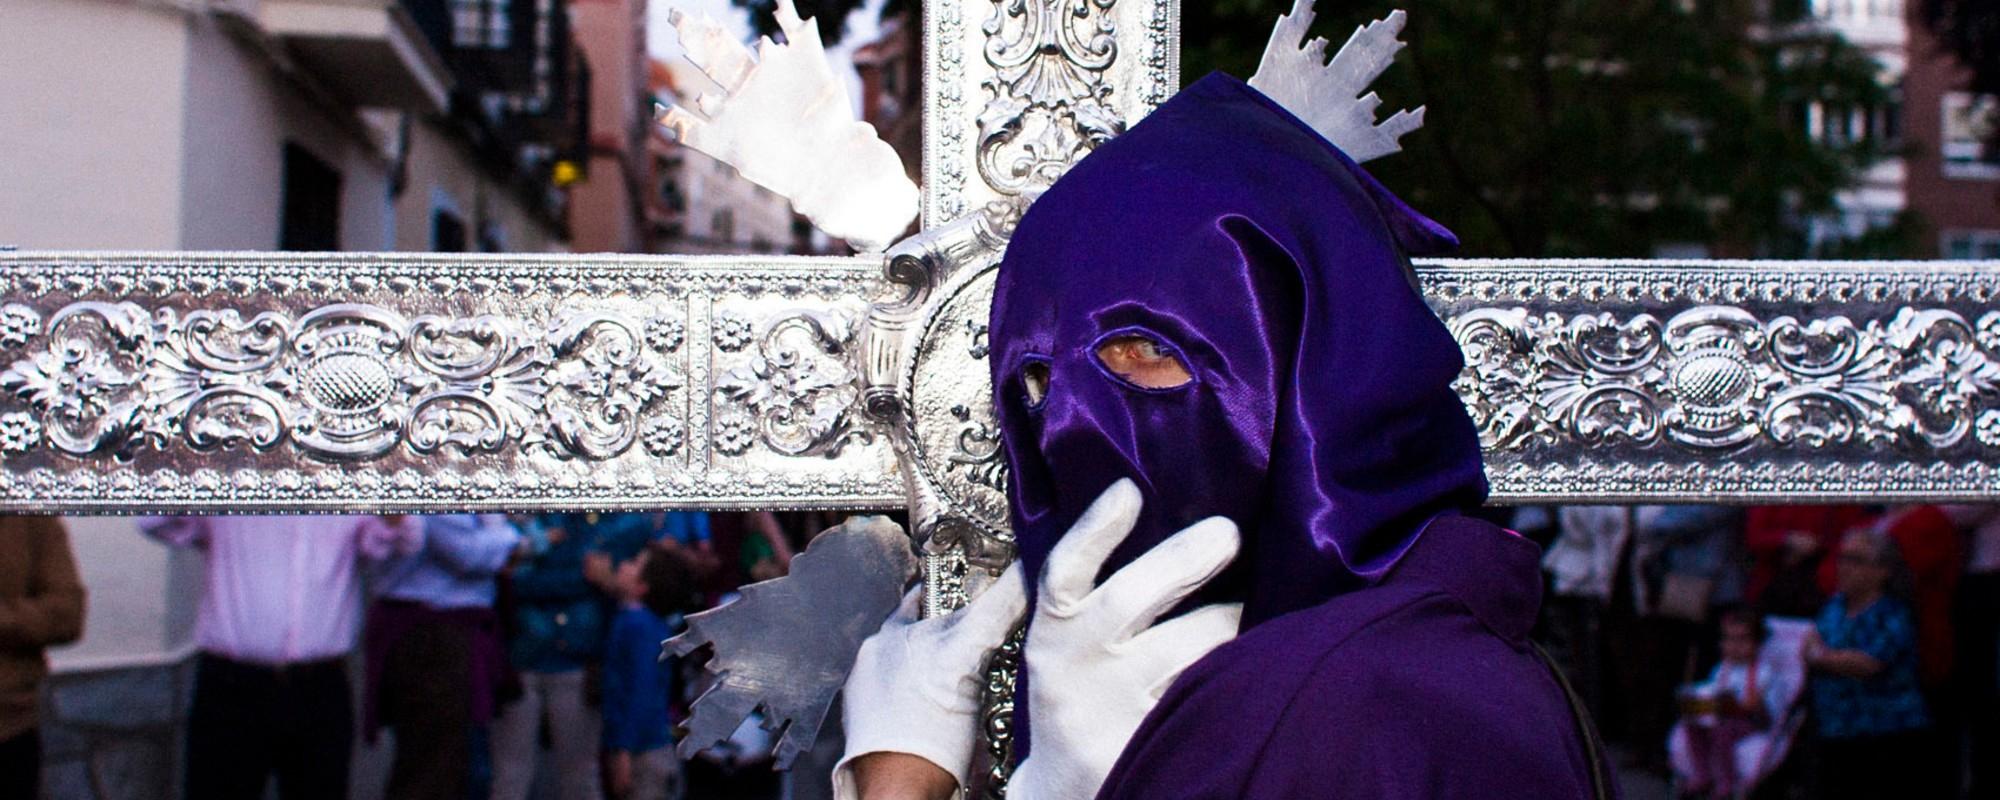 Mantillas negras y extra de gomina: una procesión de Semana Santa en Castilla La Mancha